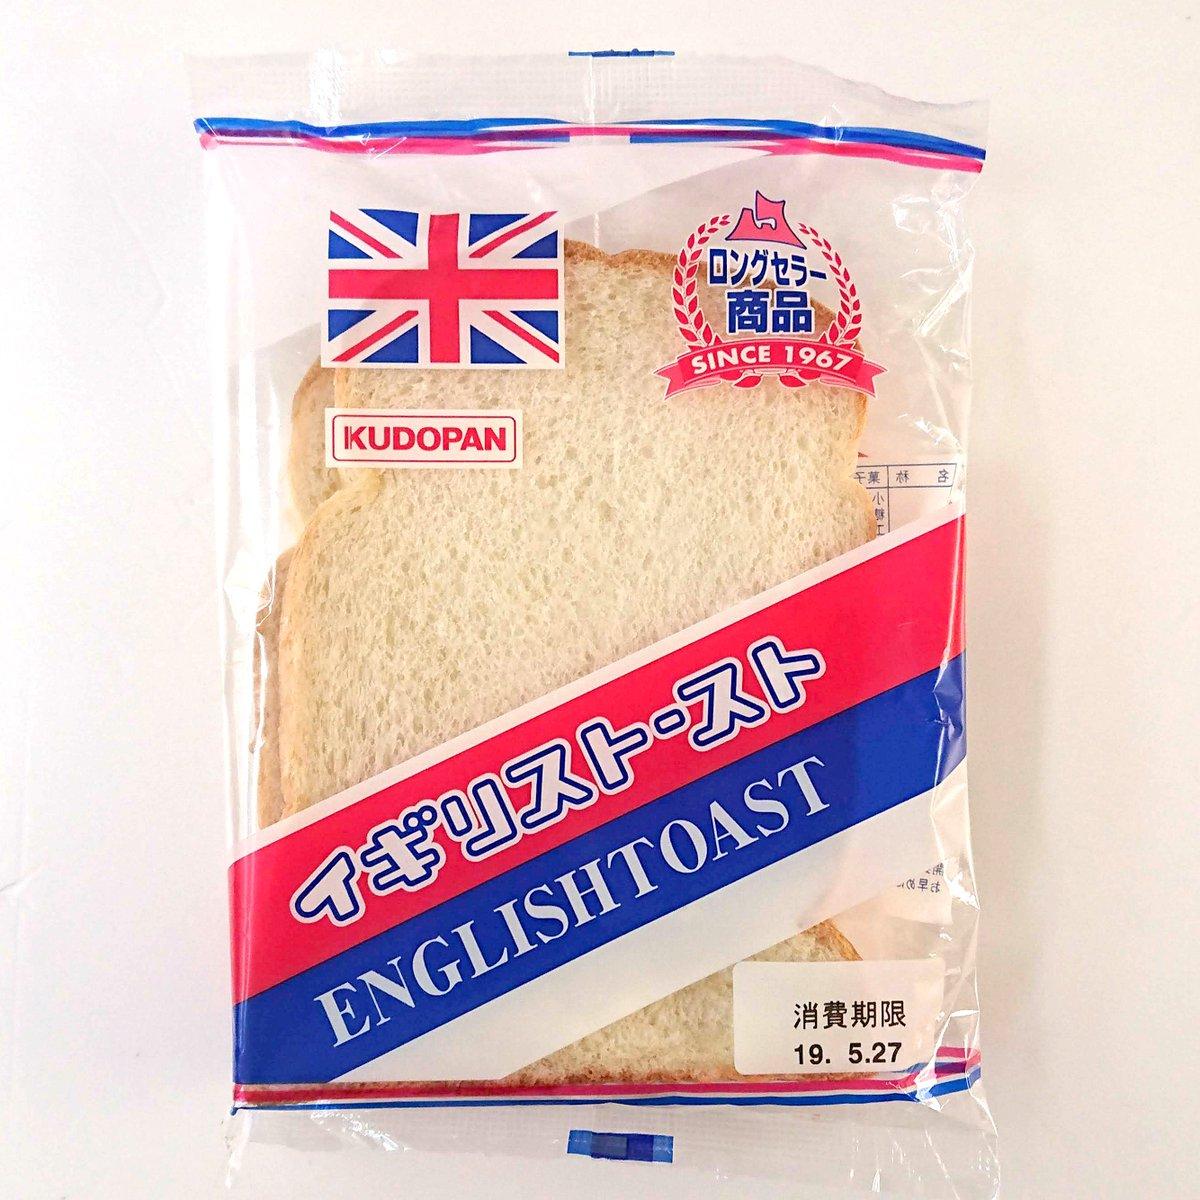 ISEPAN!その5:青森のご当地パン、工藤パン「イギリストースト」。マーガリンとグラニュー糖をサンド。なので、おいしいに決まってる。塩気の甘さのバランス、ジャリジャリした食感がよいです。パンが柔らかすぎないので、すべて合わさるとしっとりいい感じ。 #パン #ISEPAN #袋パン #ご当地パン